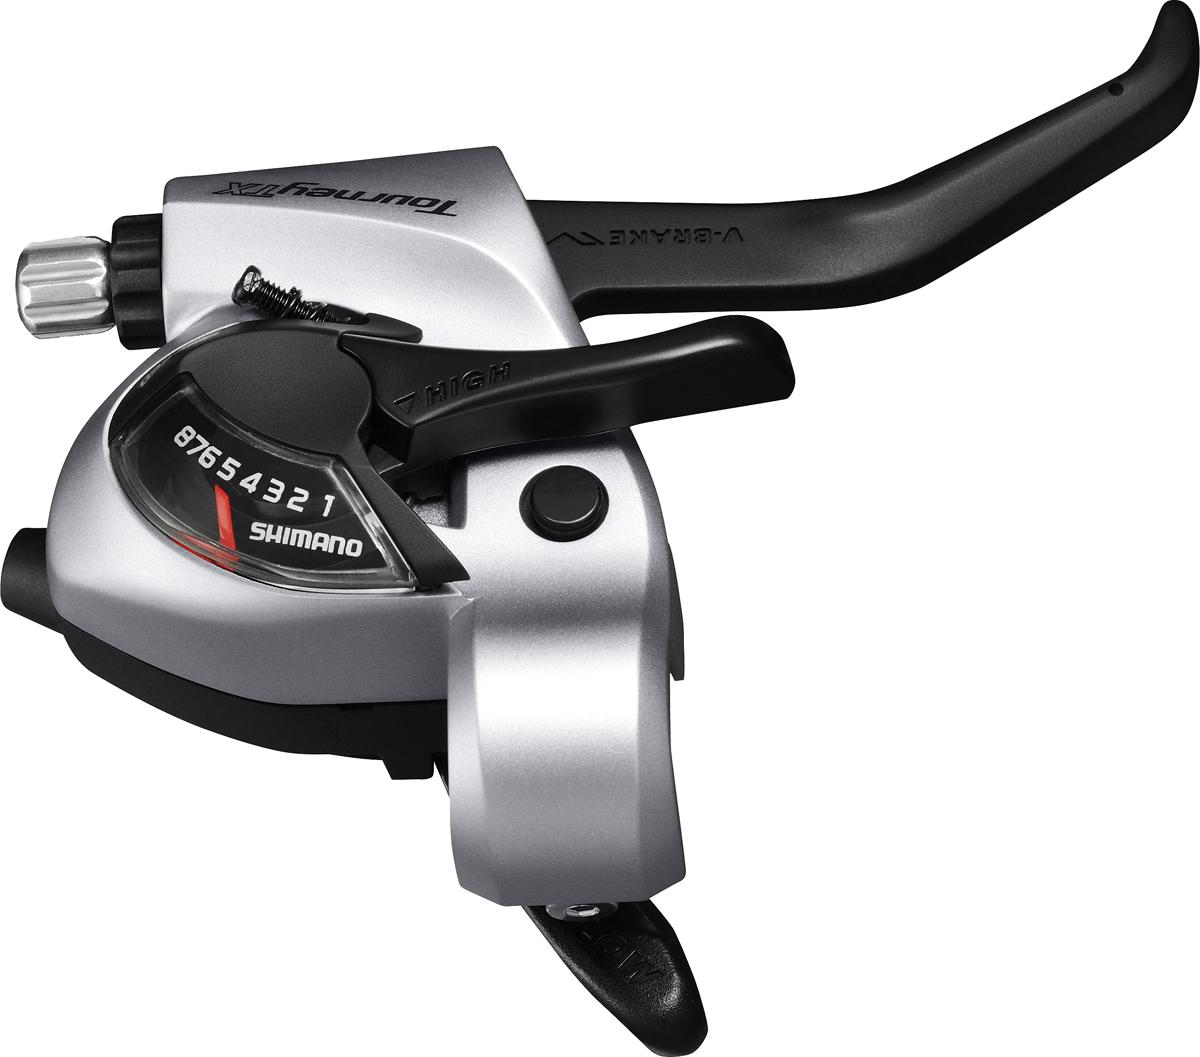 Shimano řad/brzd. páka TOURNEY ST-TX800 MTB/trek pro V-brzdy pravá 8 rychl 2 prstá stříbrná